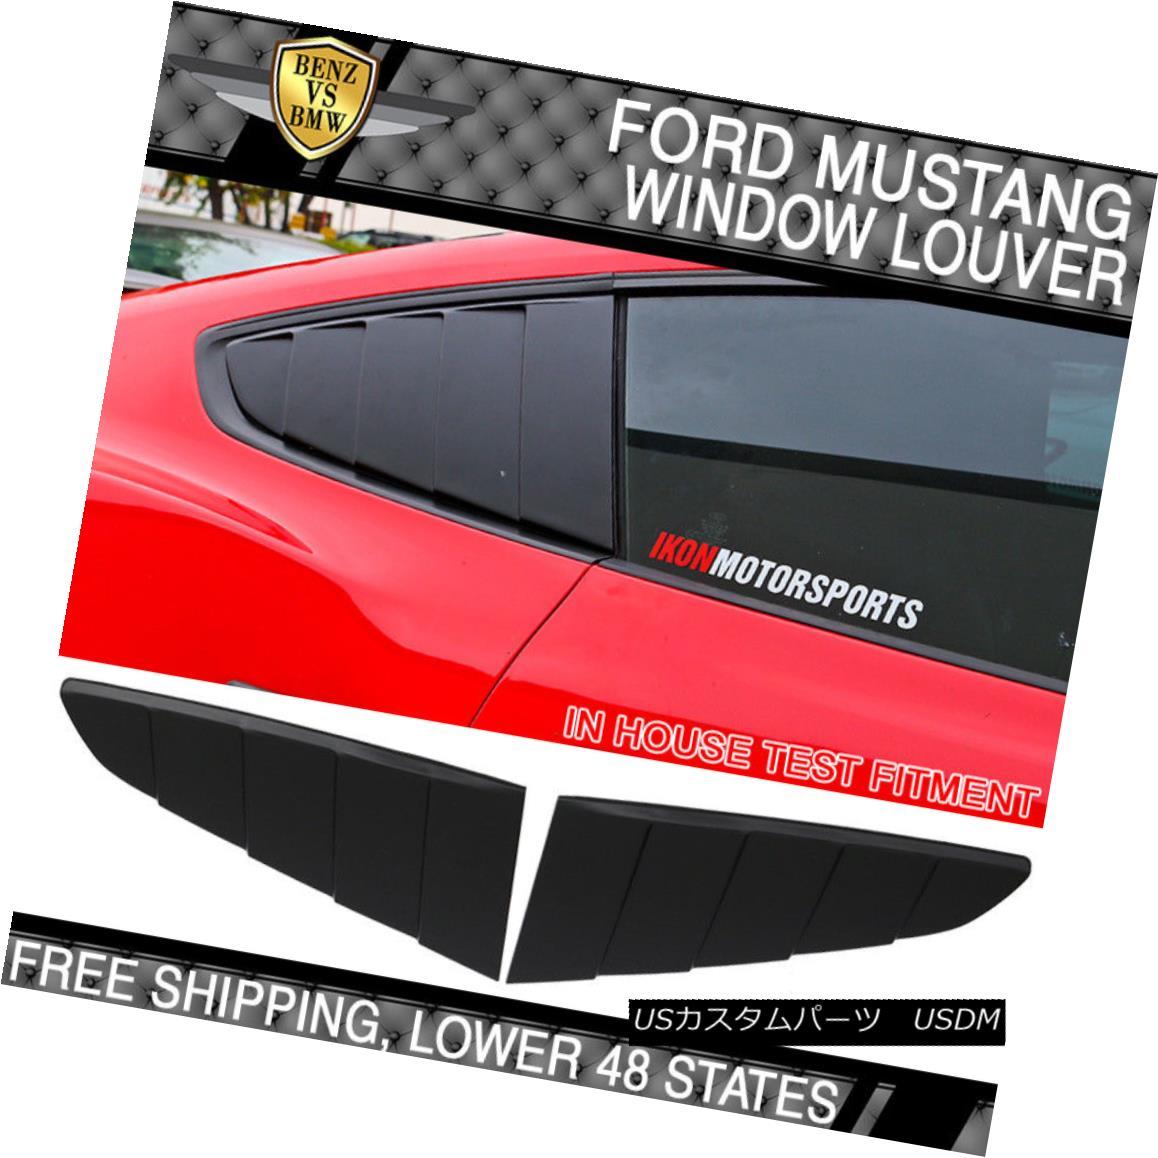 エアロパーツ Fit 15-18 Ford Mustang CV Style Rear Side Window Louvers Scoops Unpainted PP フィット15-18 Ford Mustang CVスタイルリアサイドウィンドウルーバースクープ未塗装PP